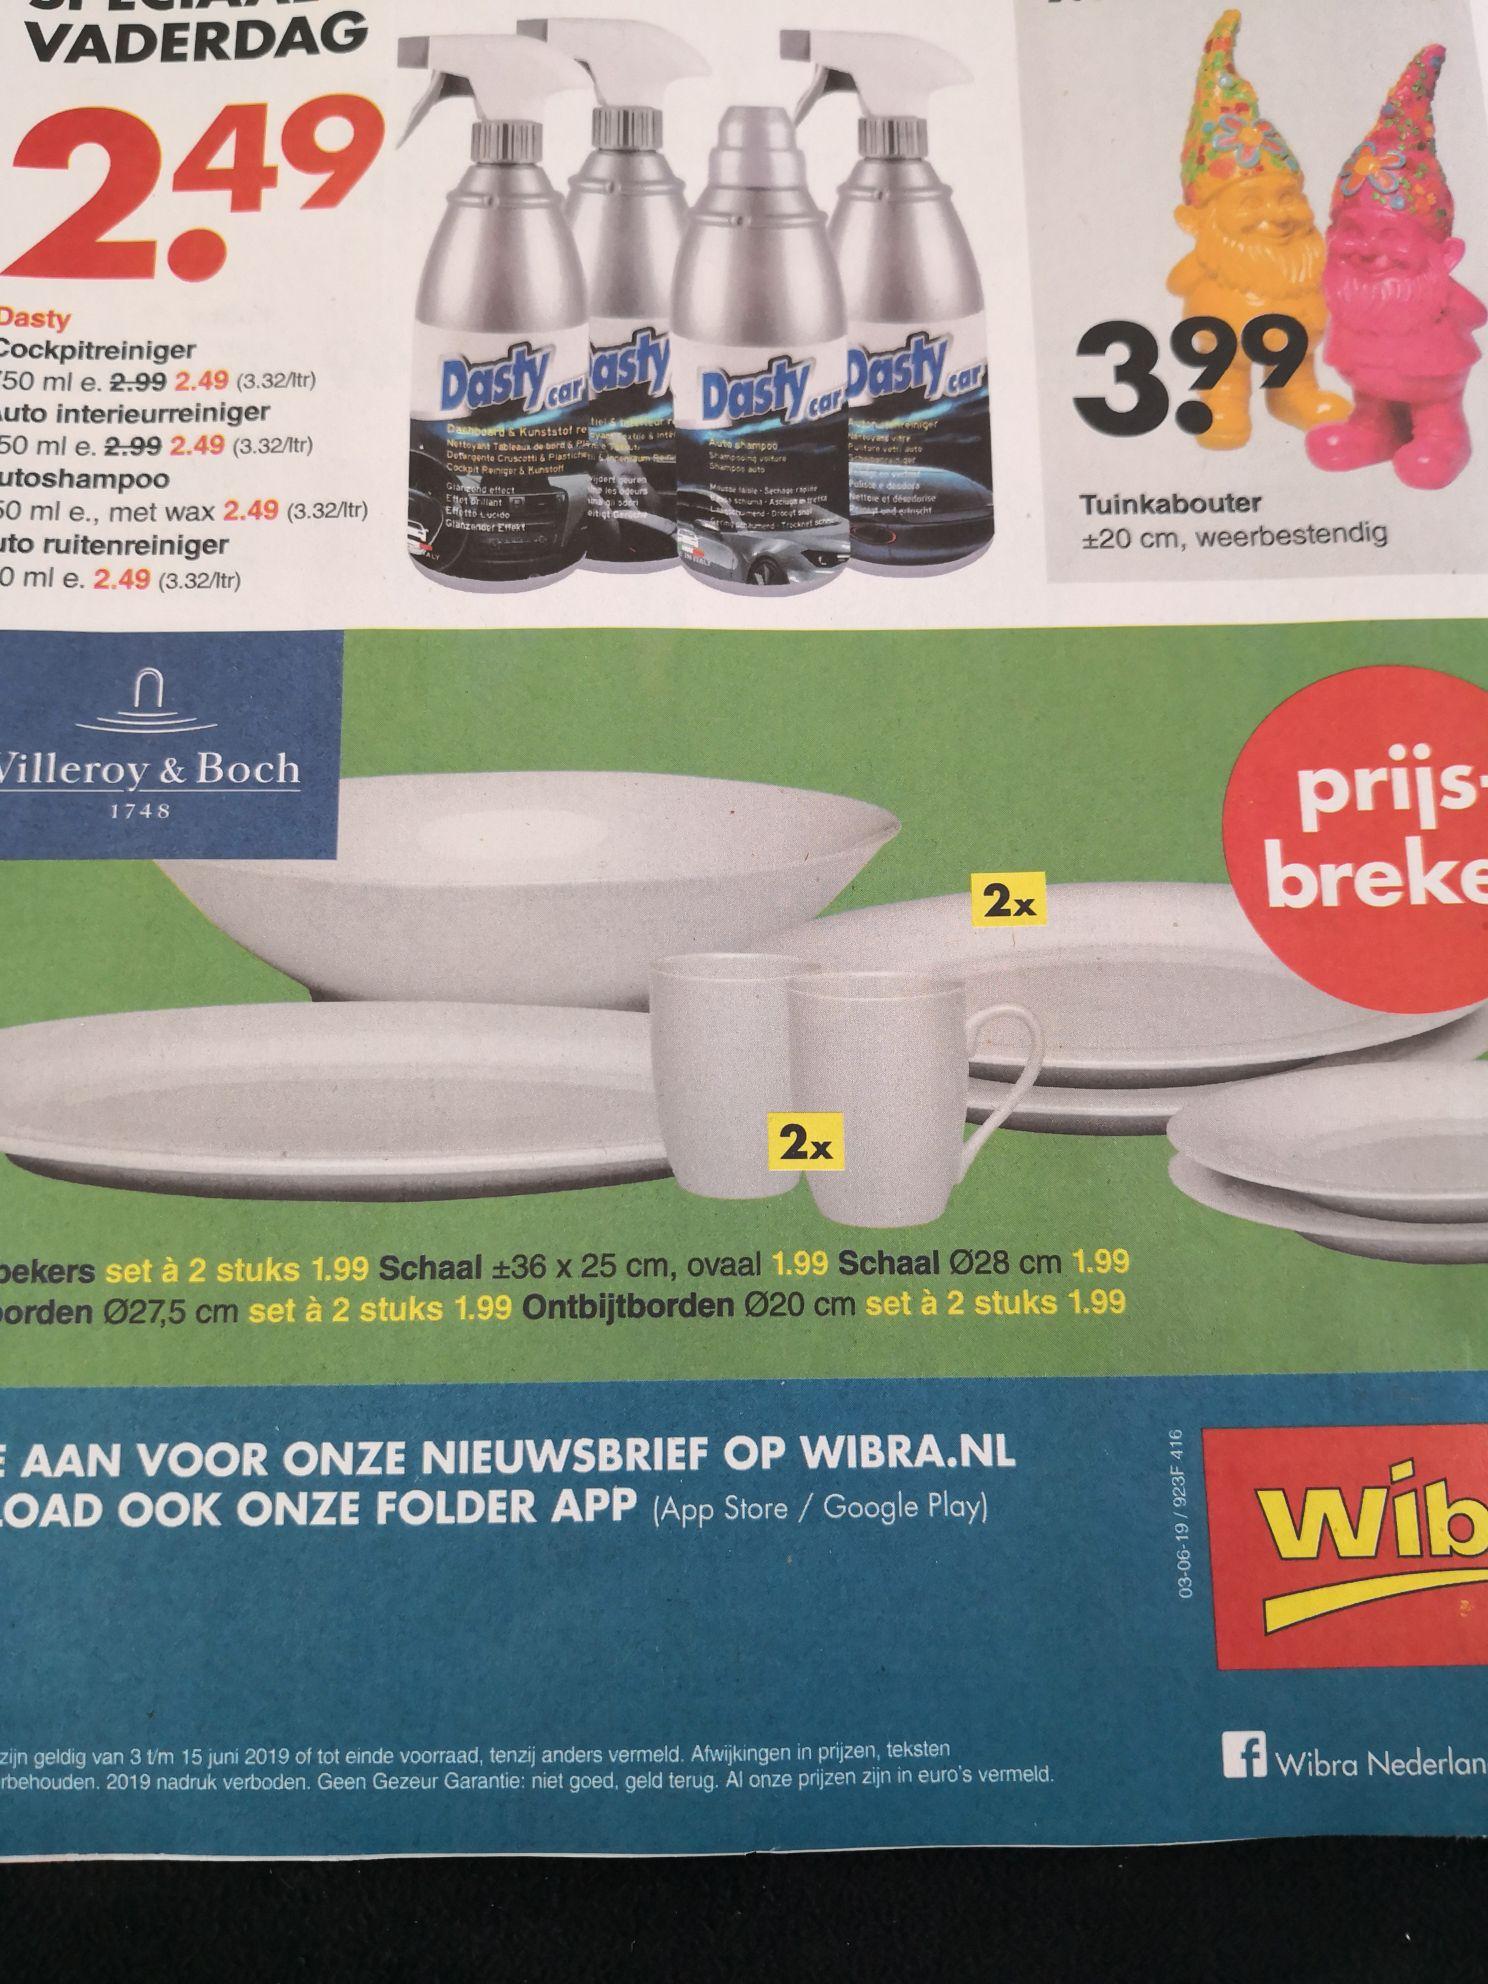 Villeroy & Boch servies 2 voor €1,99